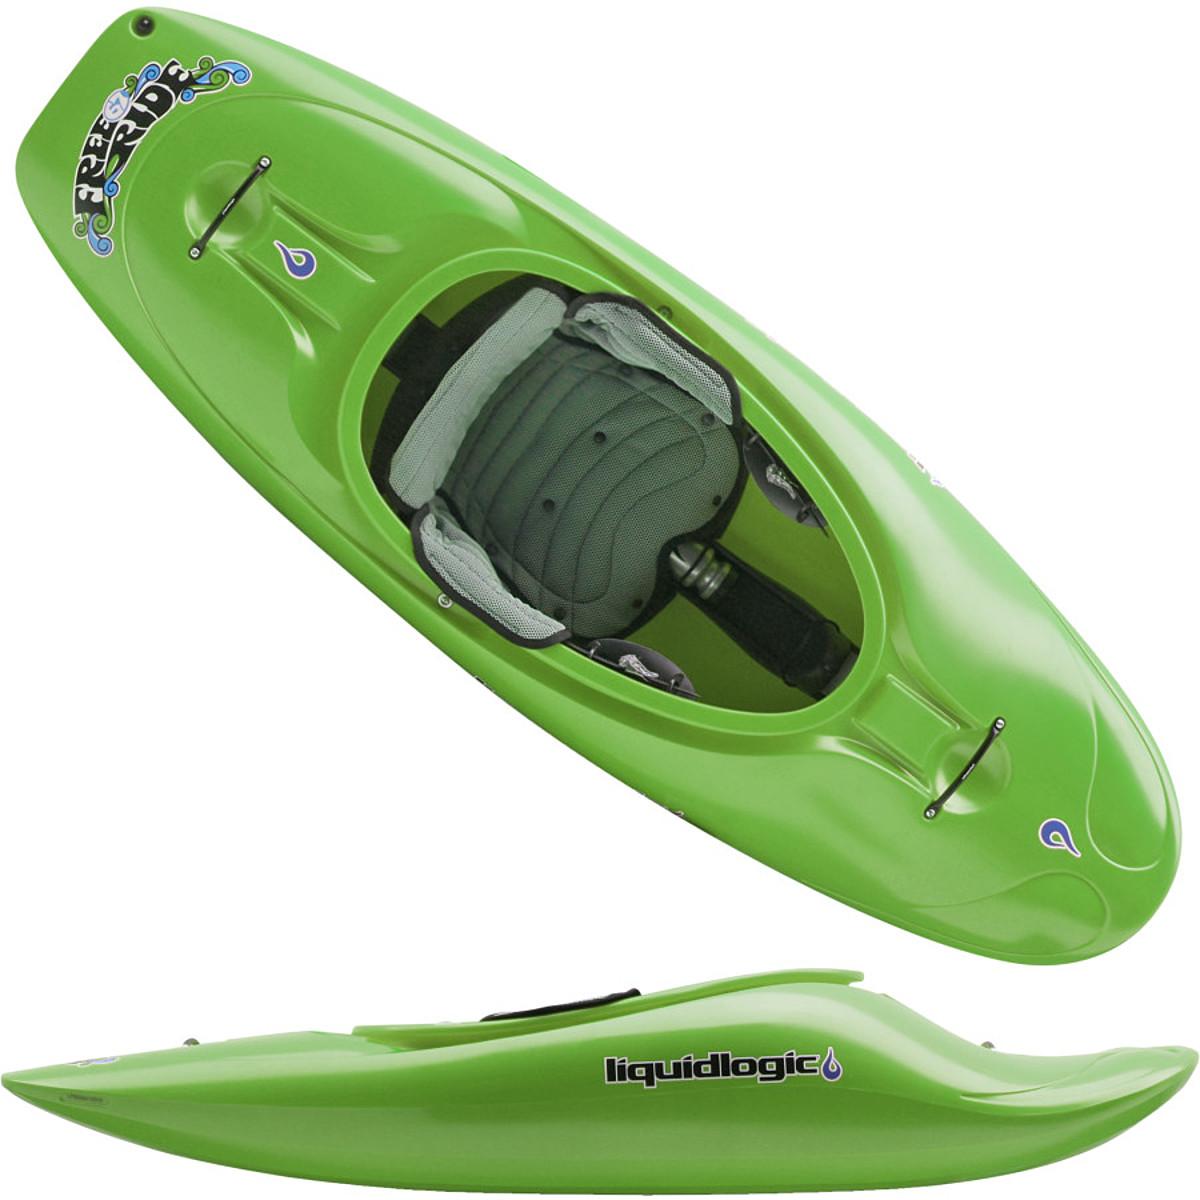 photo: LiquidLogic Freeride whitewater kayak